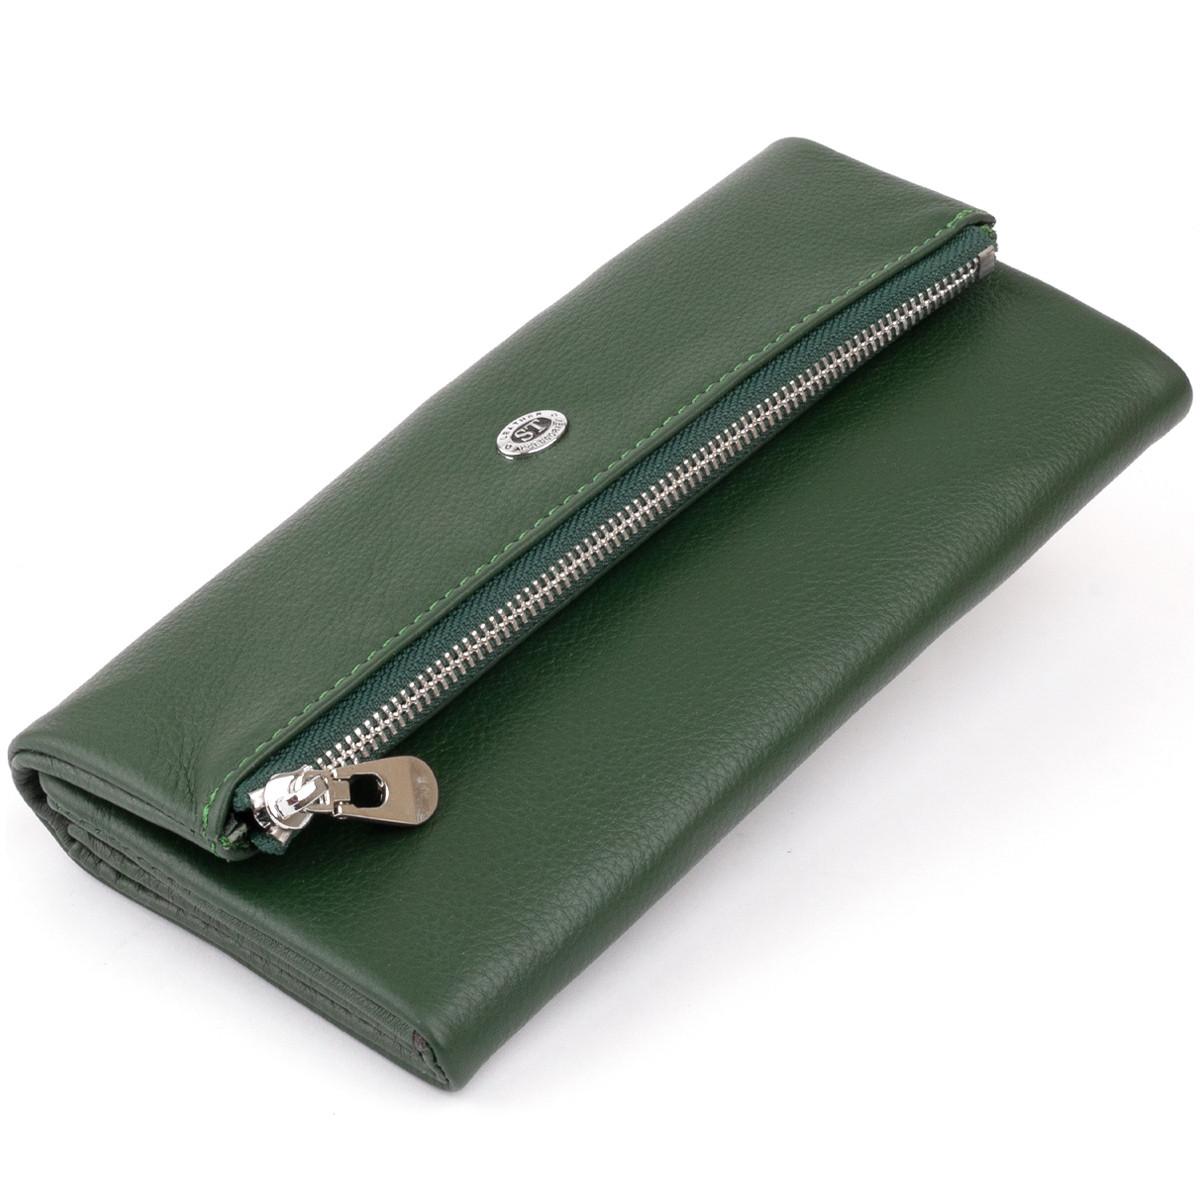 Клатч конверт з кишенею для мобільного шкіряний жіночий ST Leather 19270 Зелений